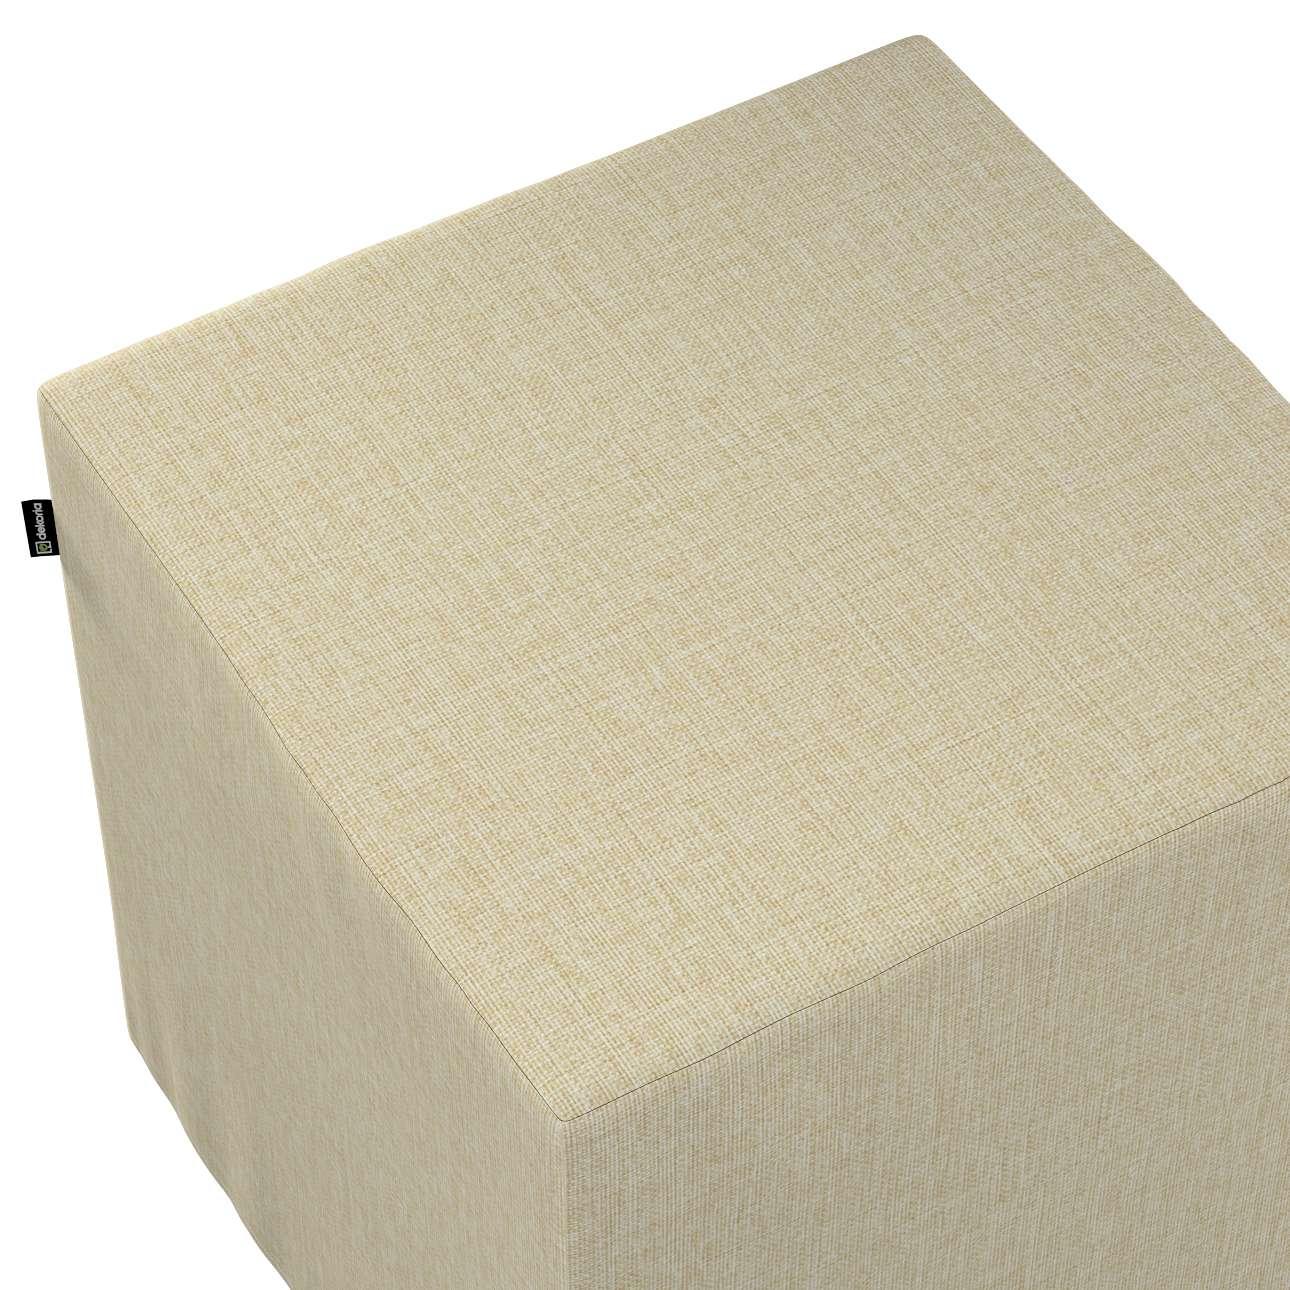 Bezug für Sitzwürfel von der Kollektion Living, Stoff: 161-45